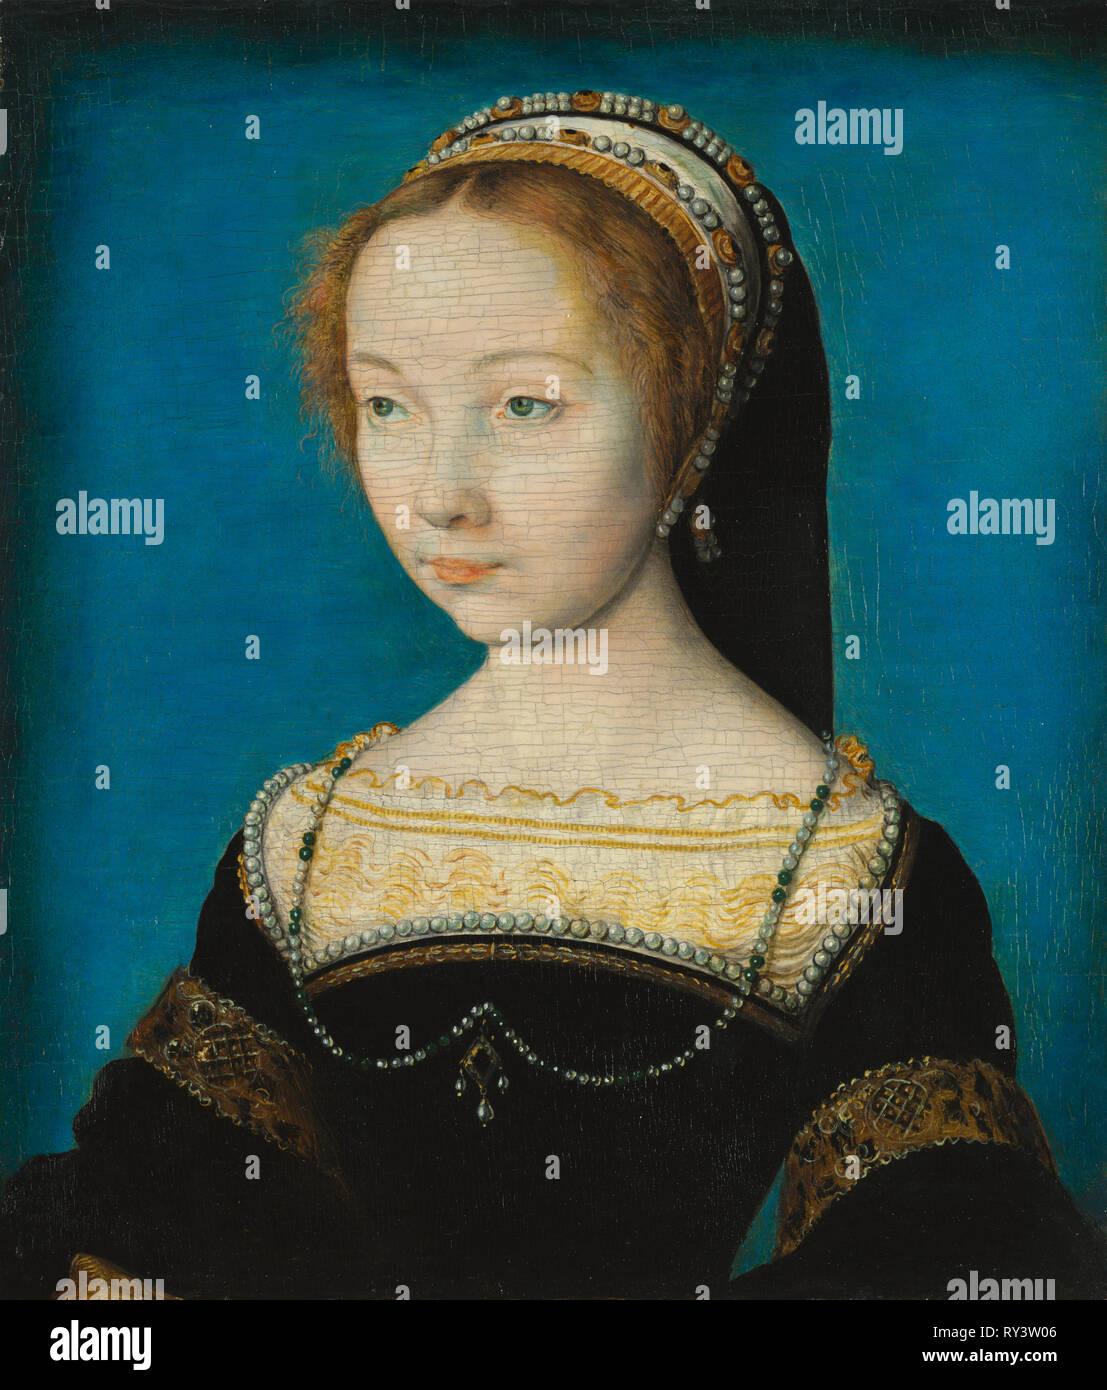 Portrait of a Woman, c. 1540. Corneille de Lyon (Netherlandish, 1500-10-1574). Oil on wood; framed: 39 x 26 x 5 cm (15 3/8 x 10 1/4 x 1 15/16 in.); unframed: 16.5 x 14.8 cm (6 1/2 x 5 13/16 in Stock Photo